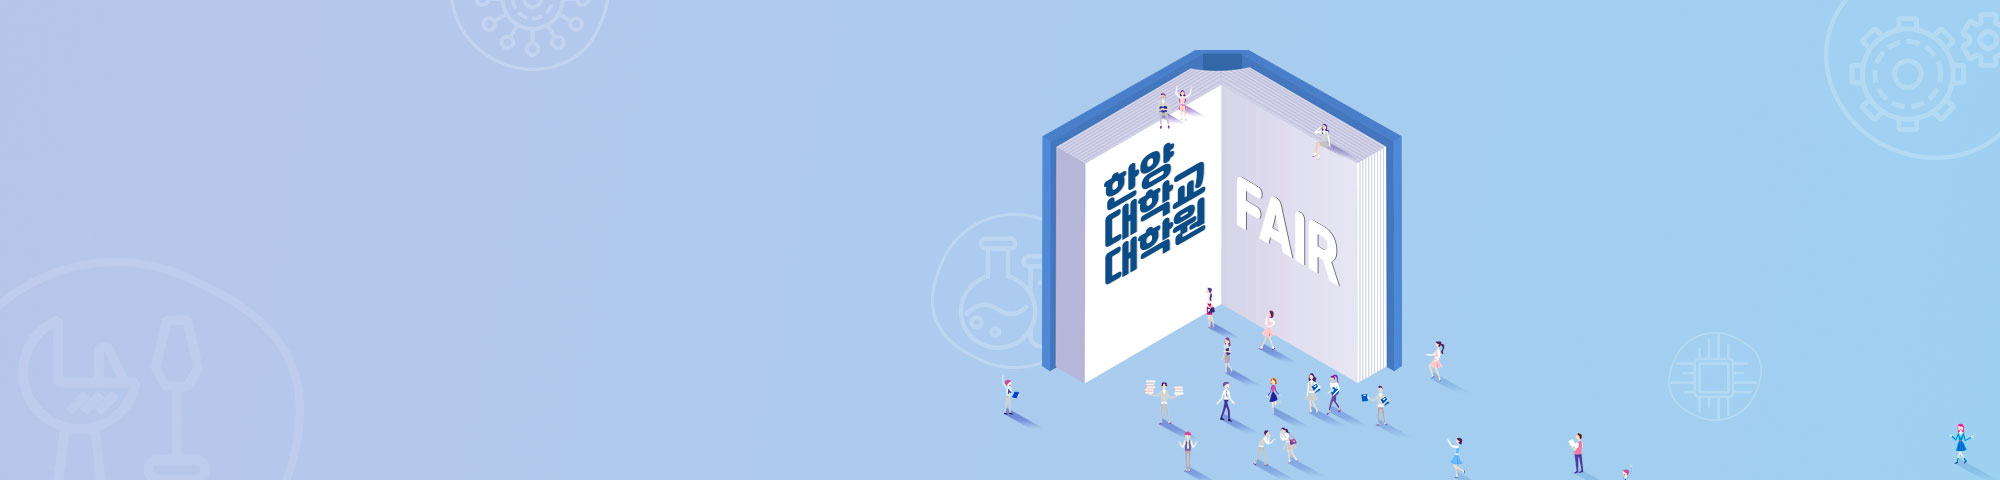 2019학년도 1학기 대학원 FAIR